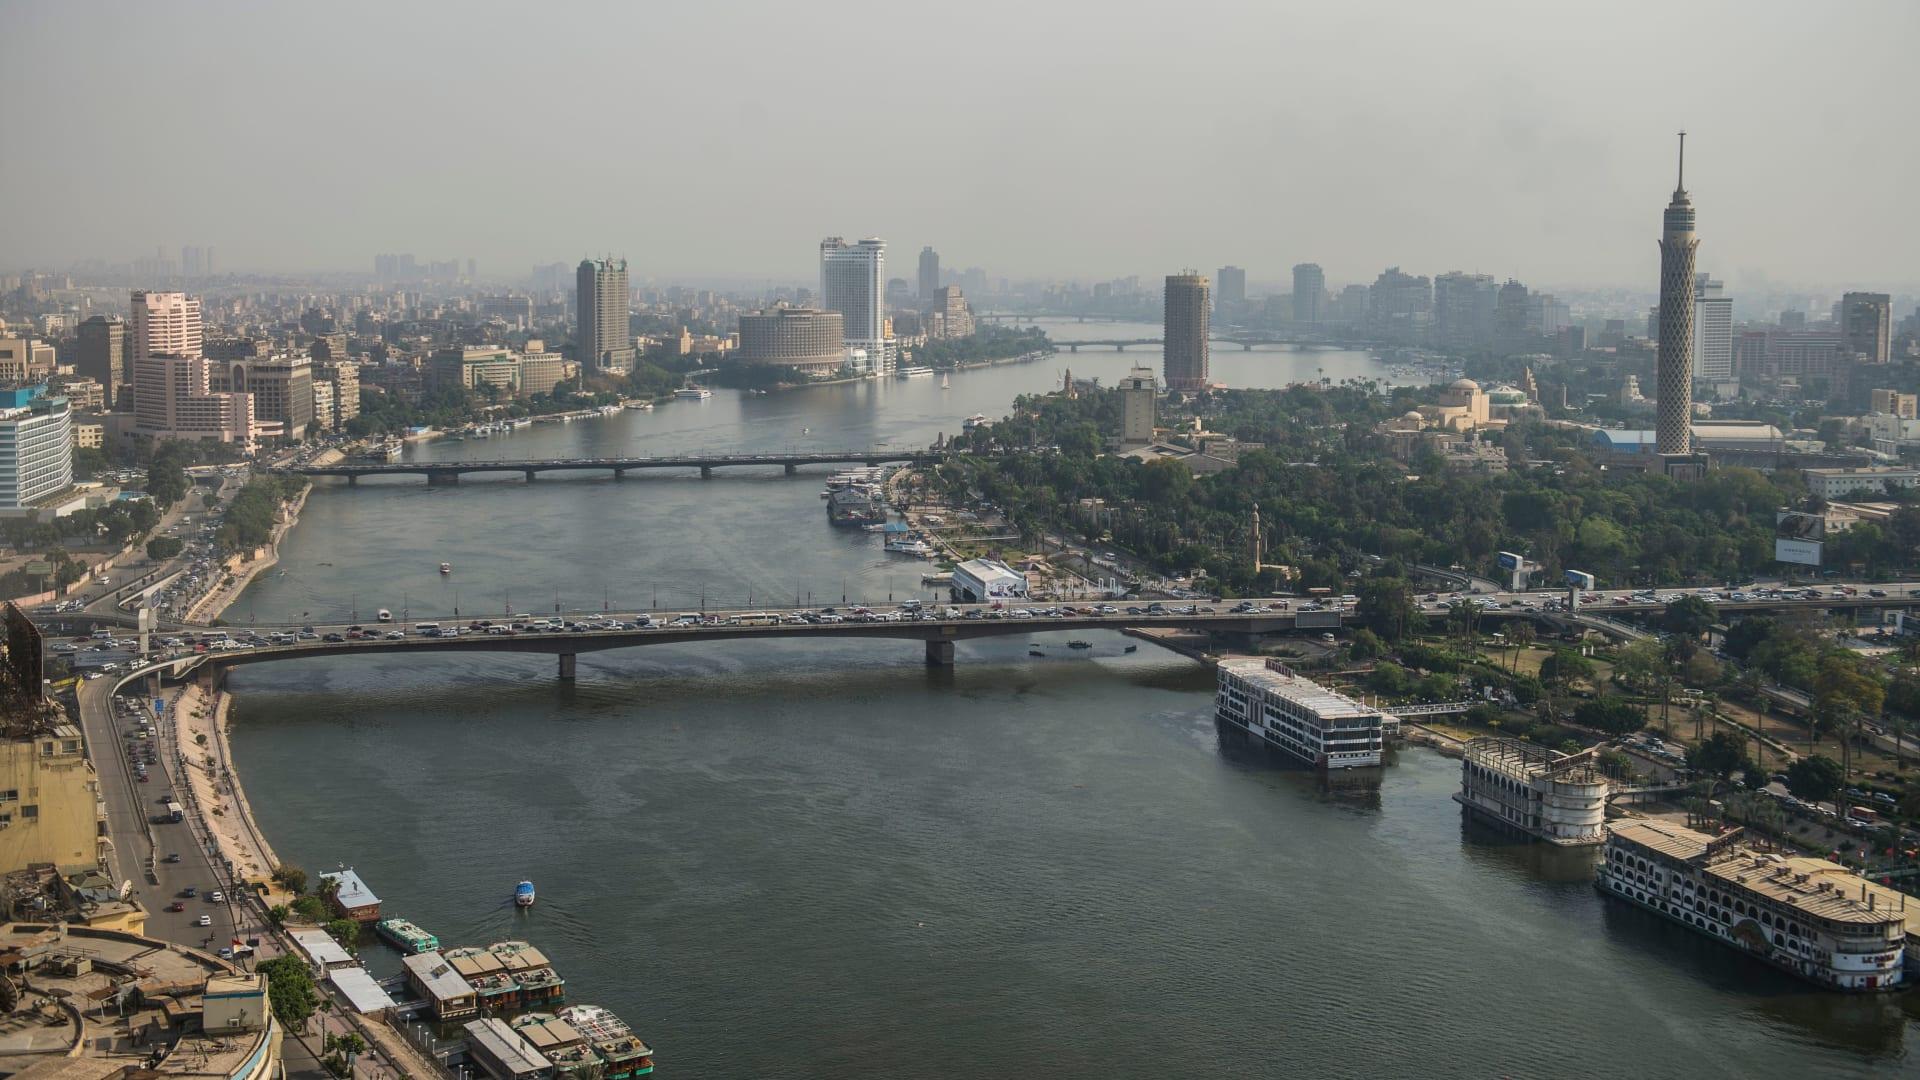 صورة أرشيفية عامة منالعاصمة المصرية، القاهرة